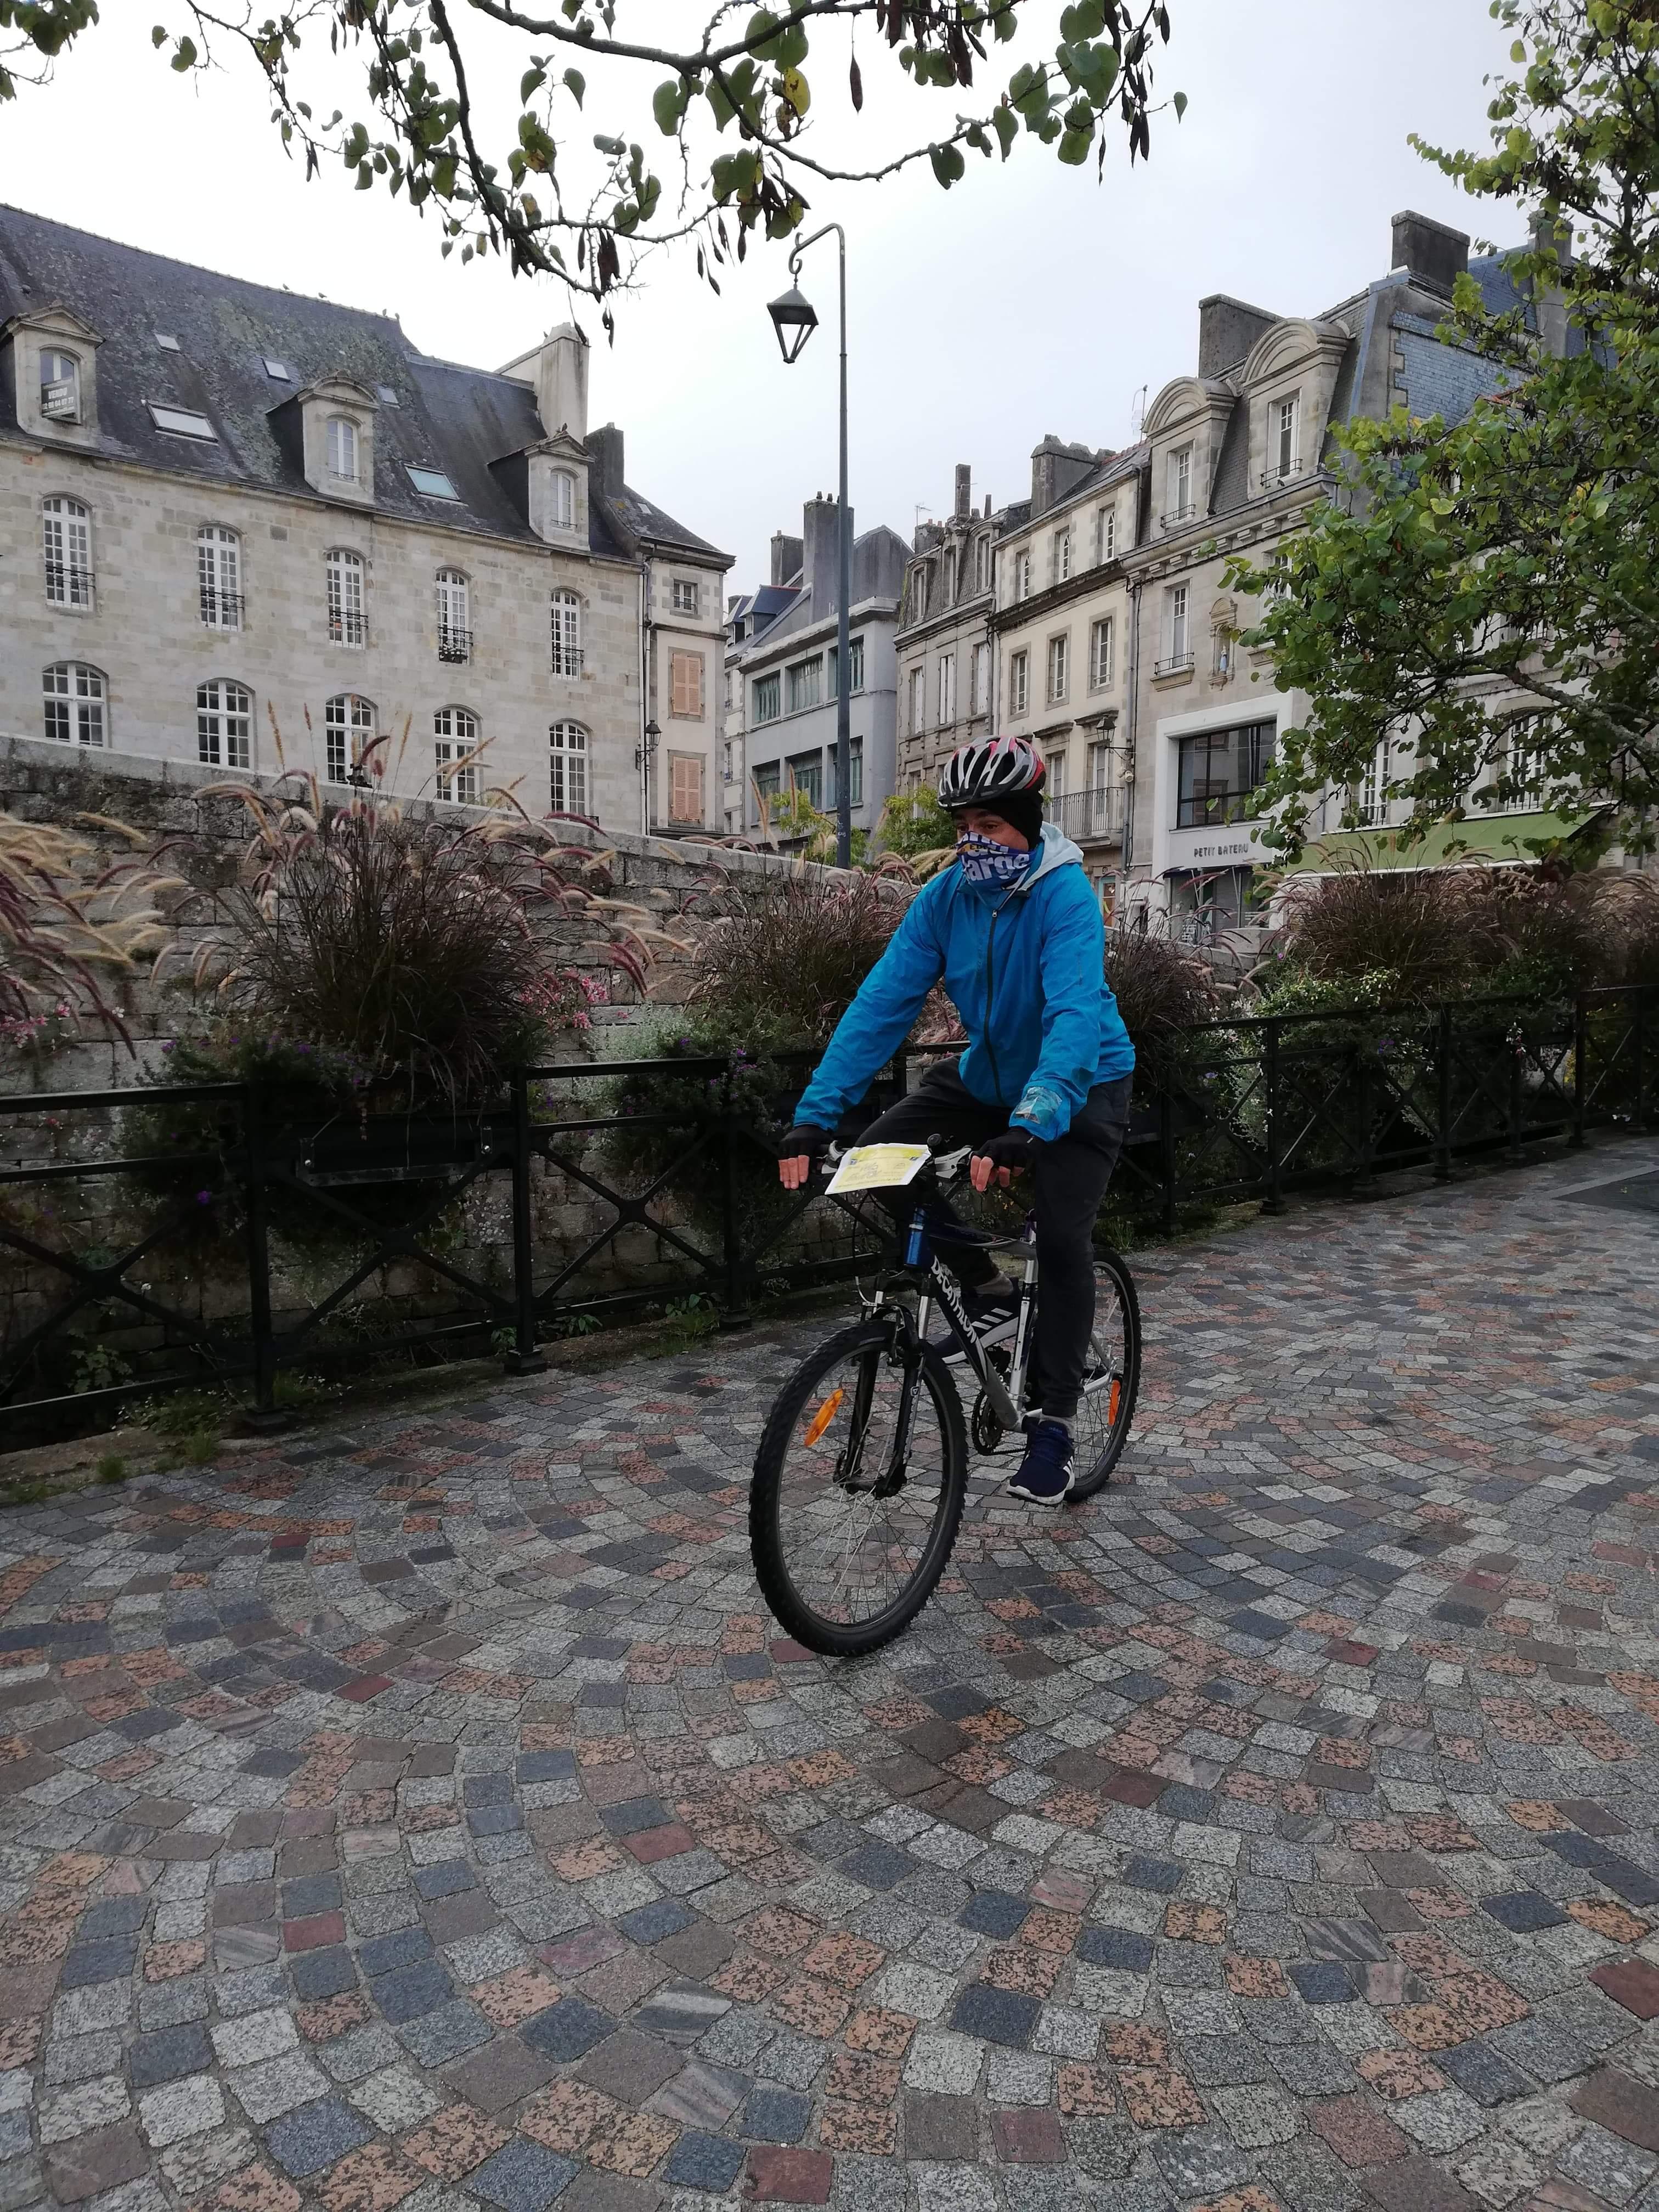 David Duvollet – Cycle Chic